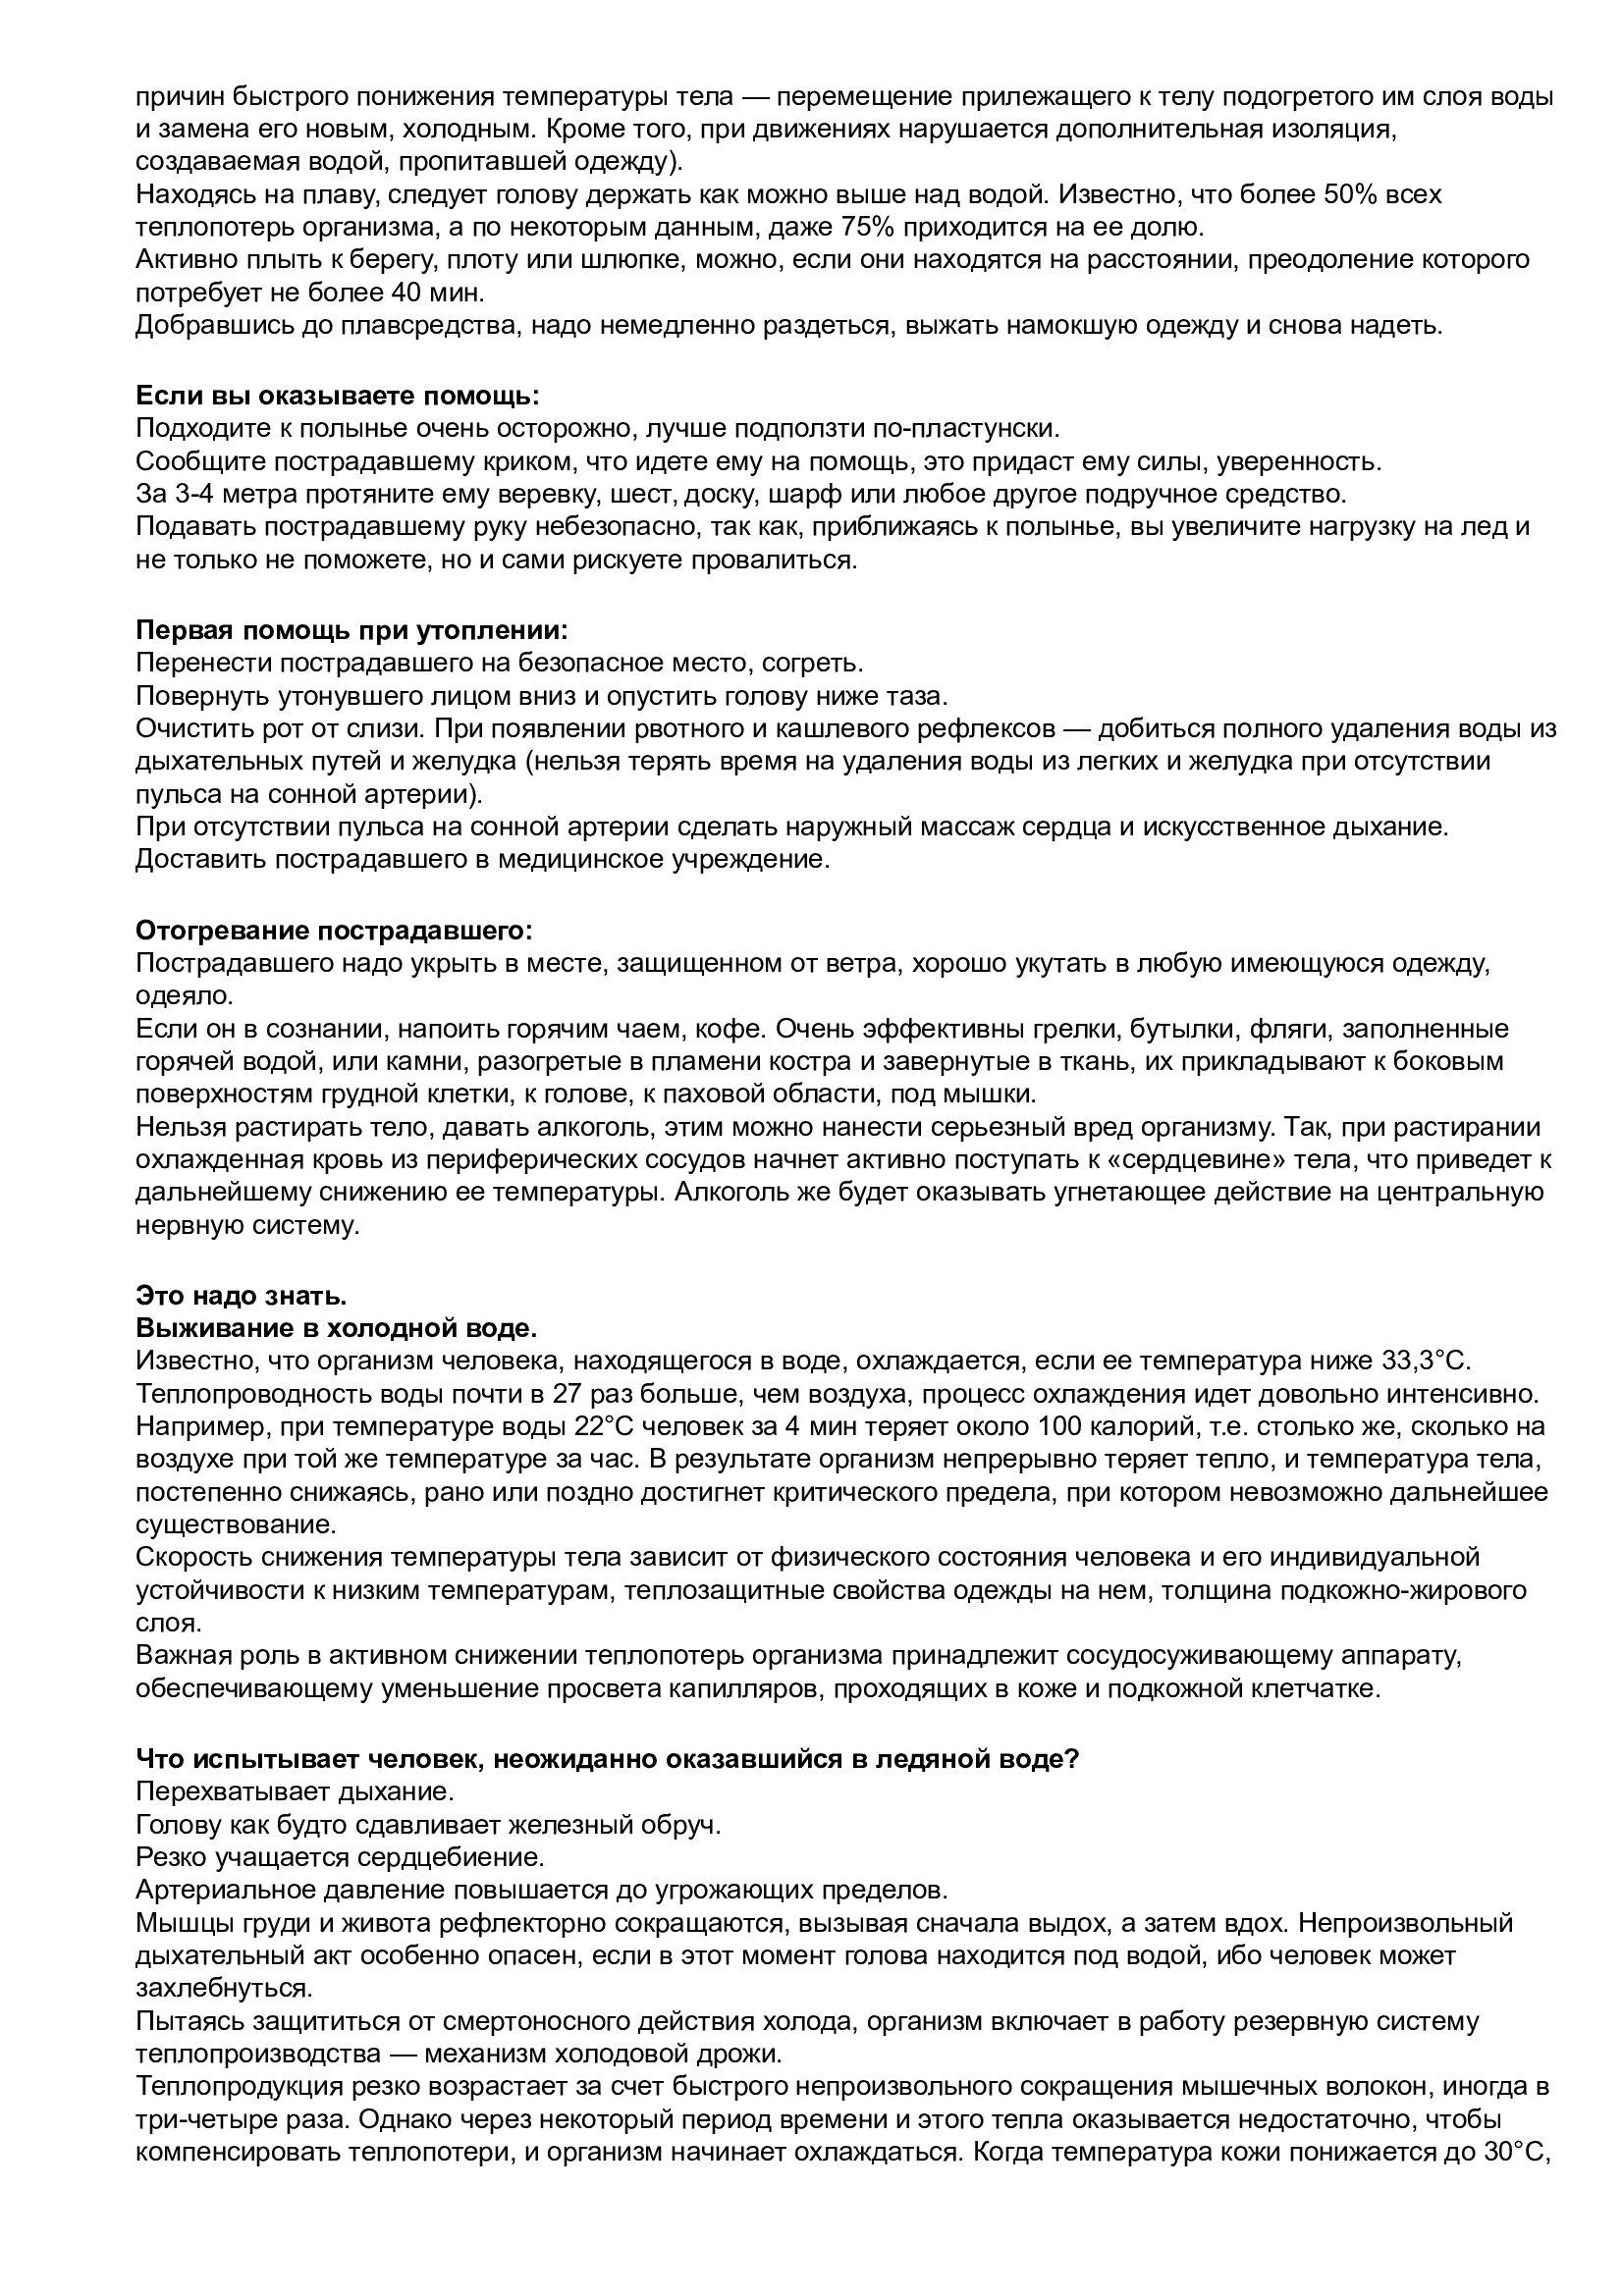 Акт обследования и категорирования объекта культуры образец 2018